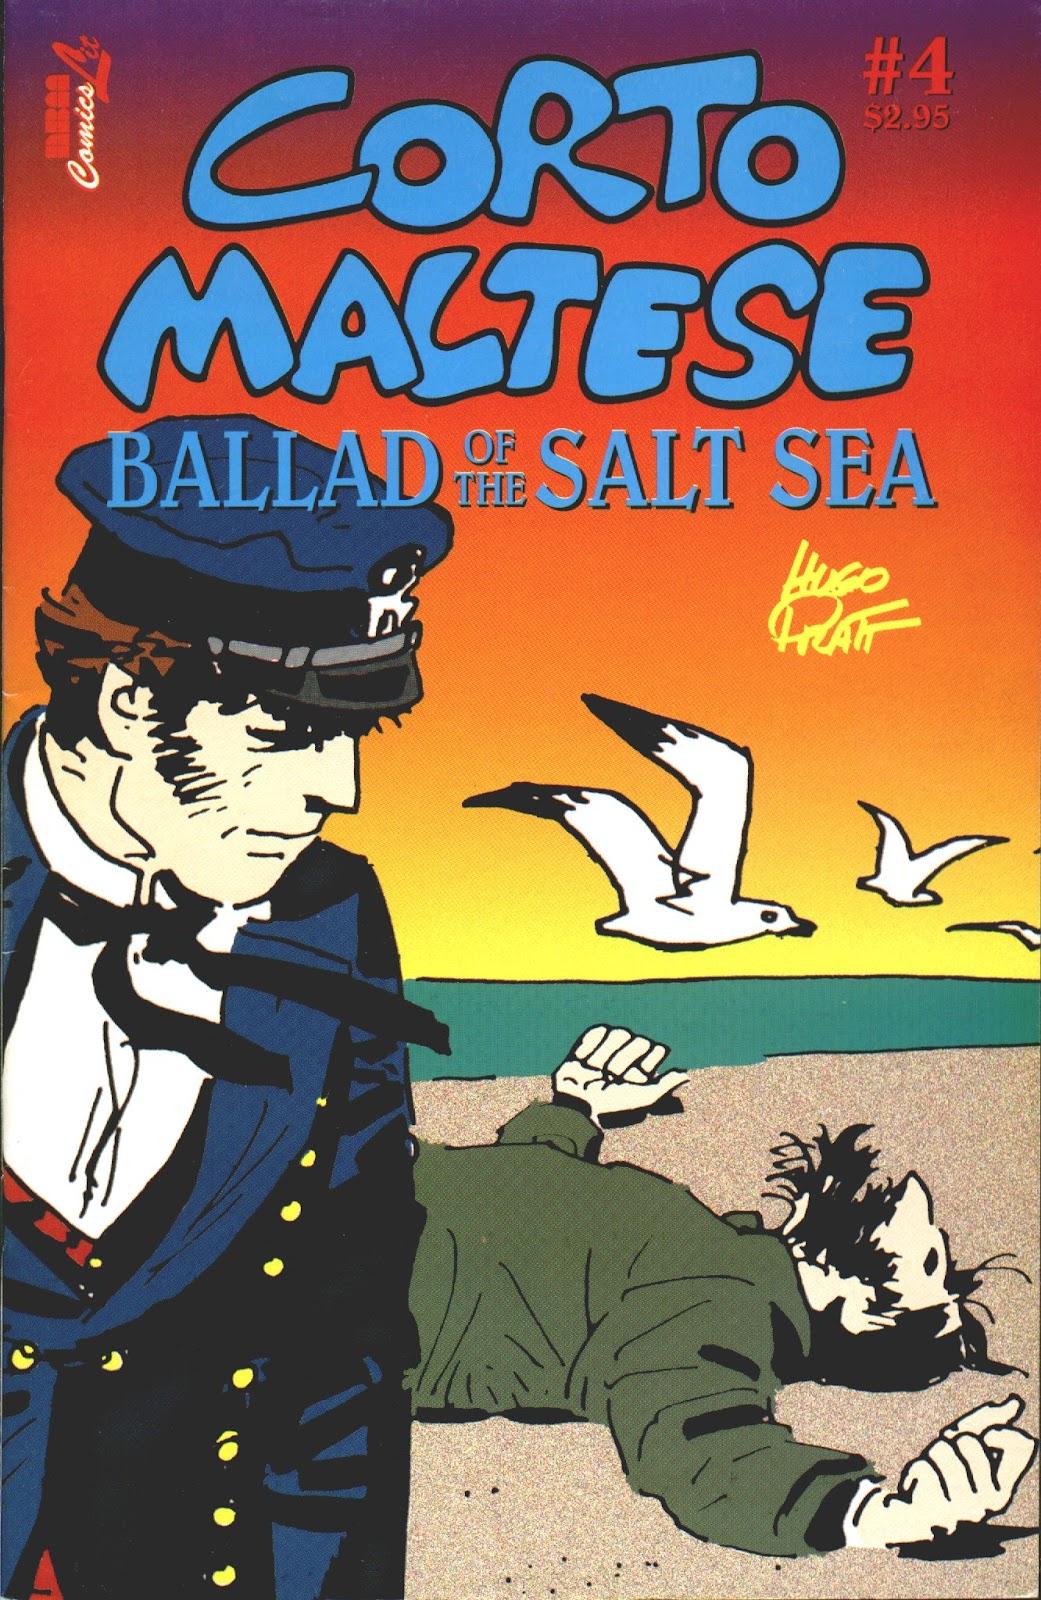 Corto Maltese: Ballad of the Salt Sea issue 4 - Page 1